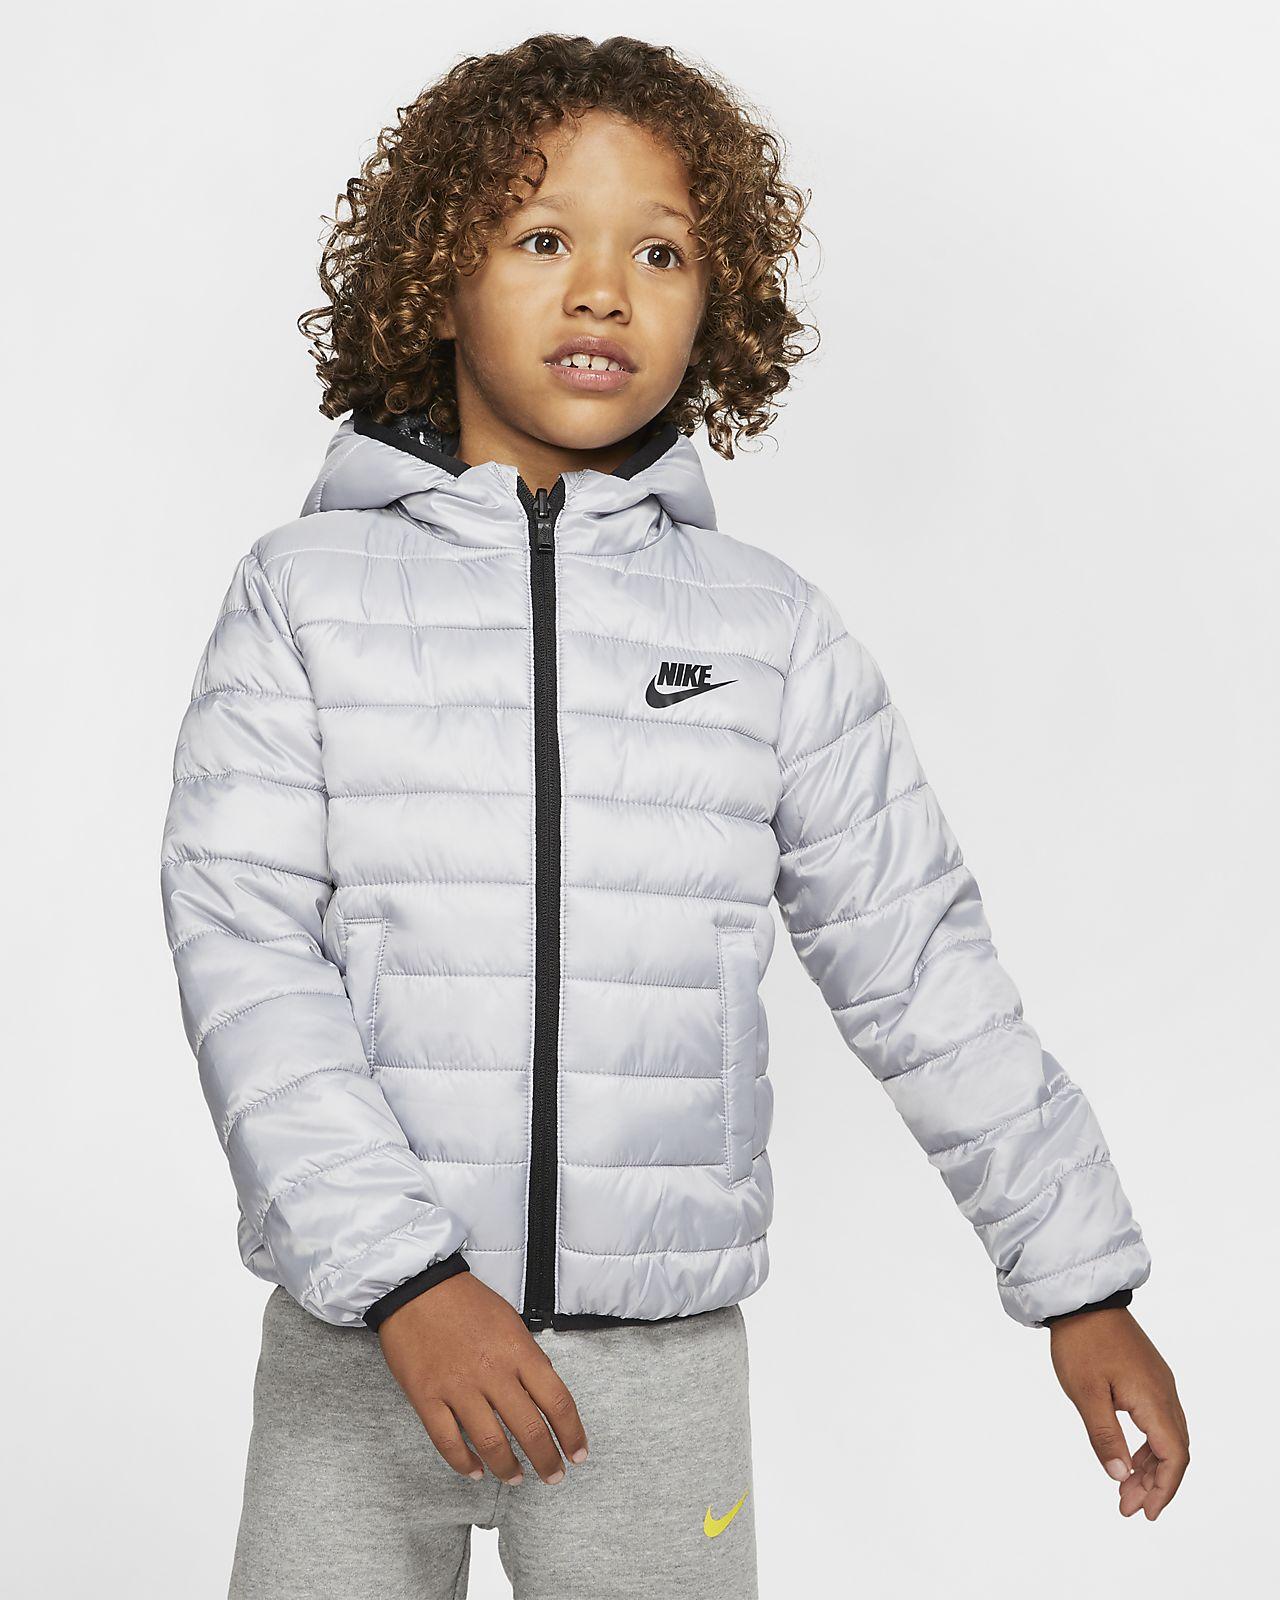 Vendbar Nike jakke til små børn. Nike DK